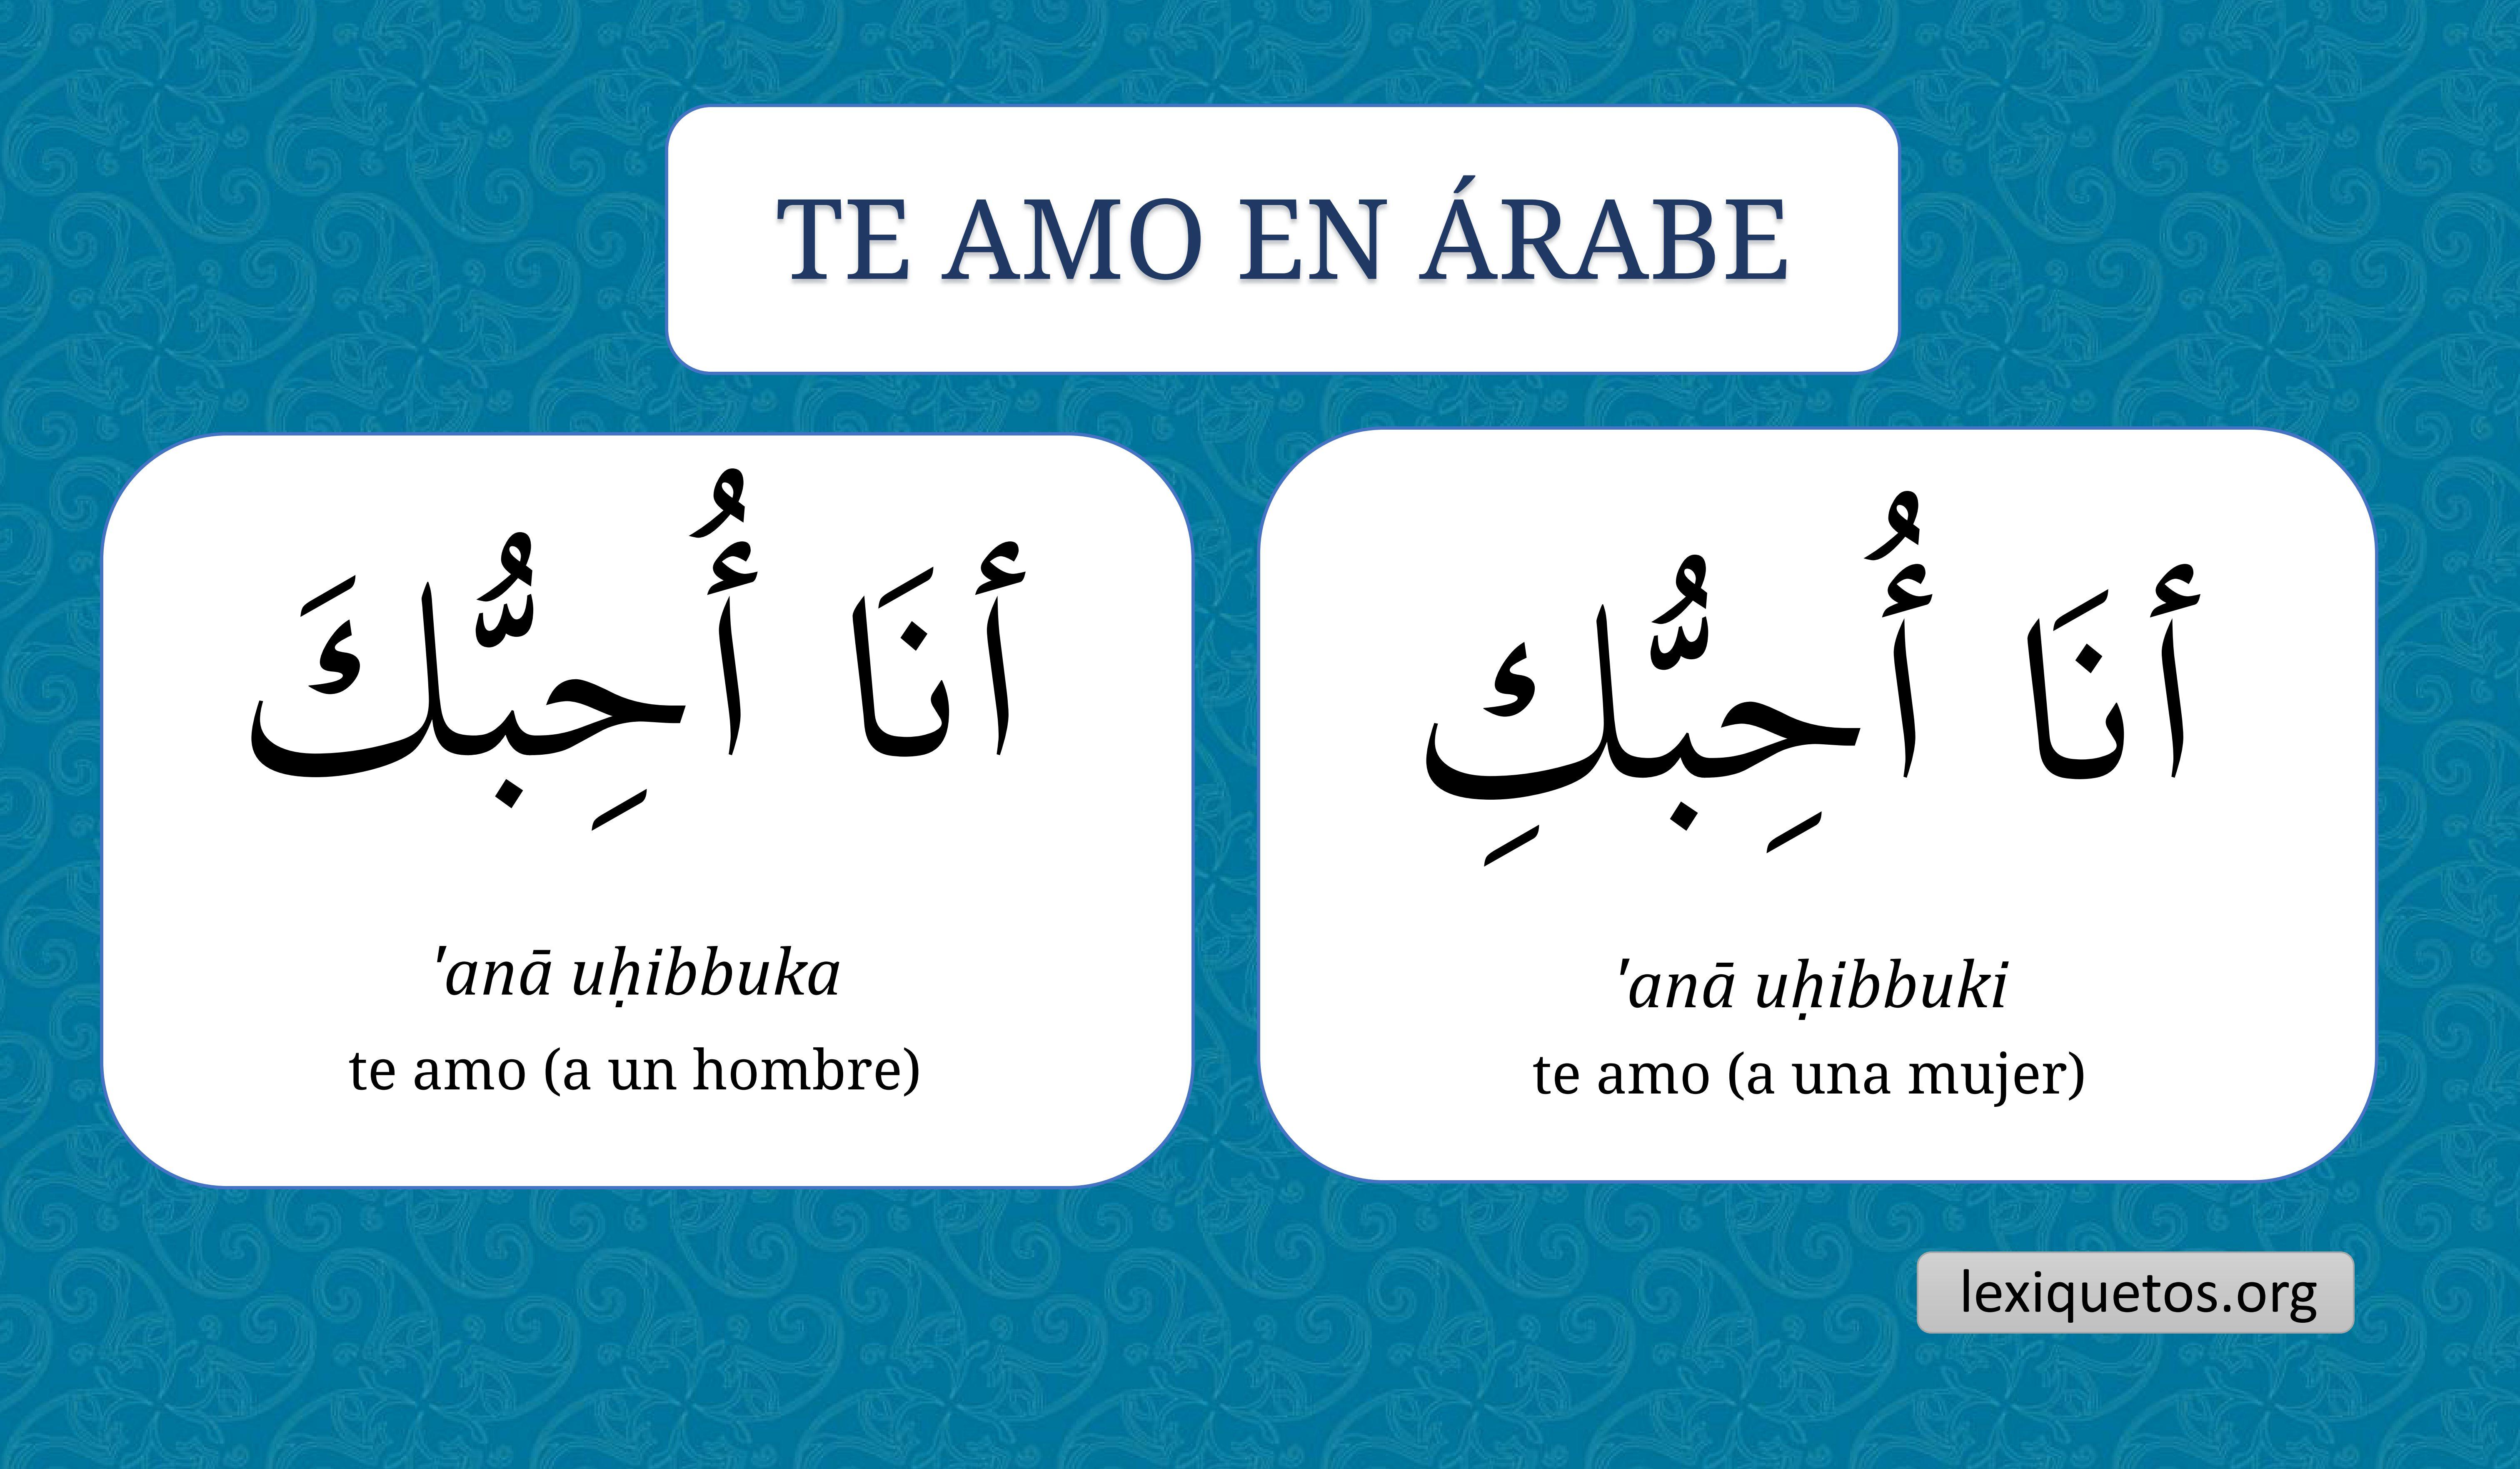 Te Amo En Arabe Lexiquetos